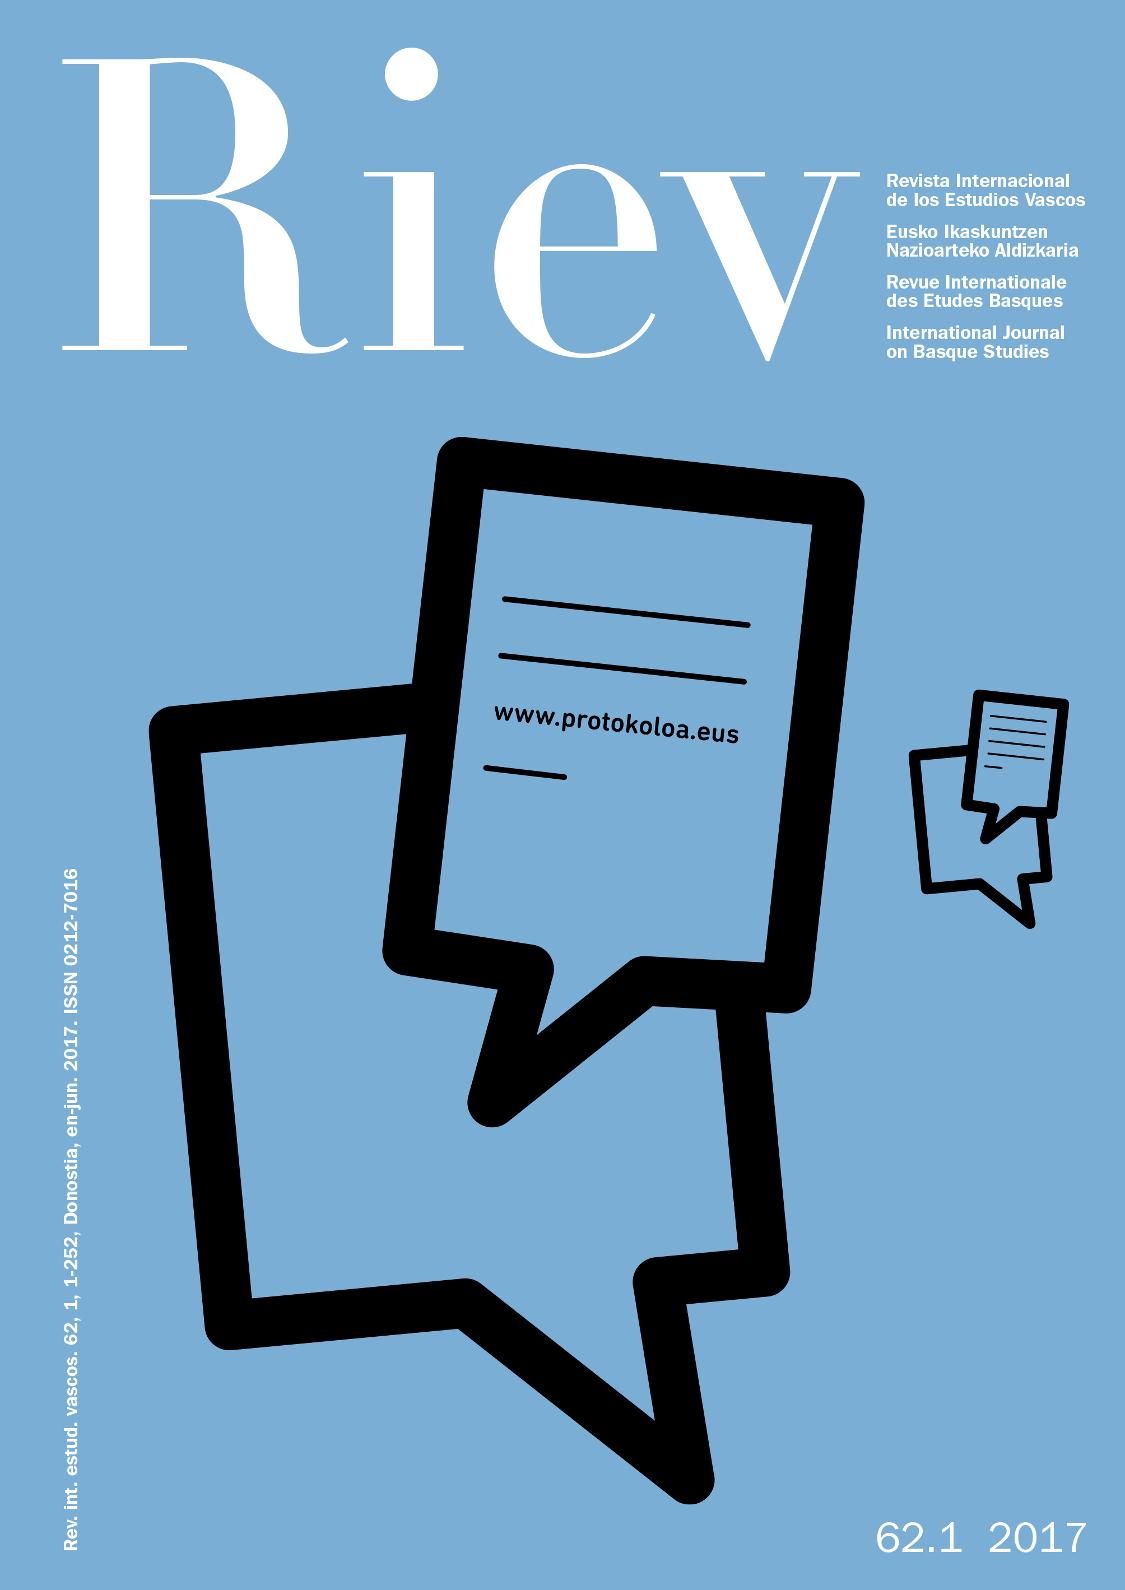 Revista Internacional de los Estudios Vascos. RIEV, 62, 1